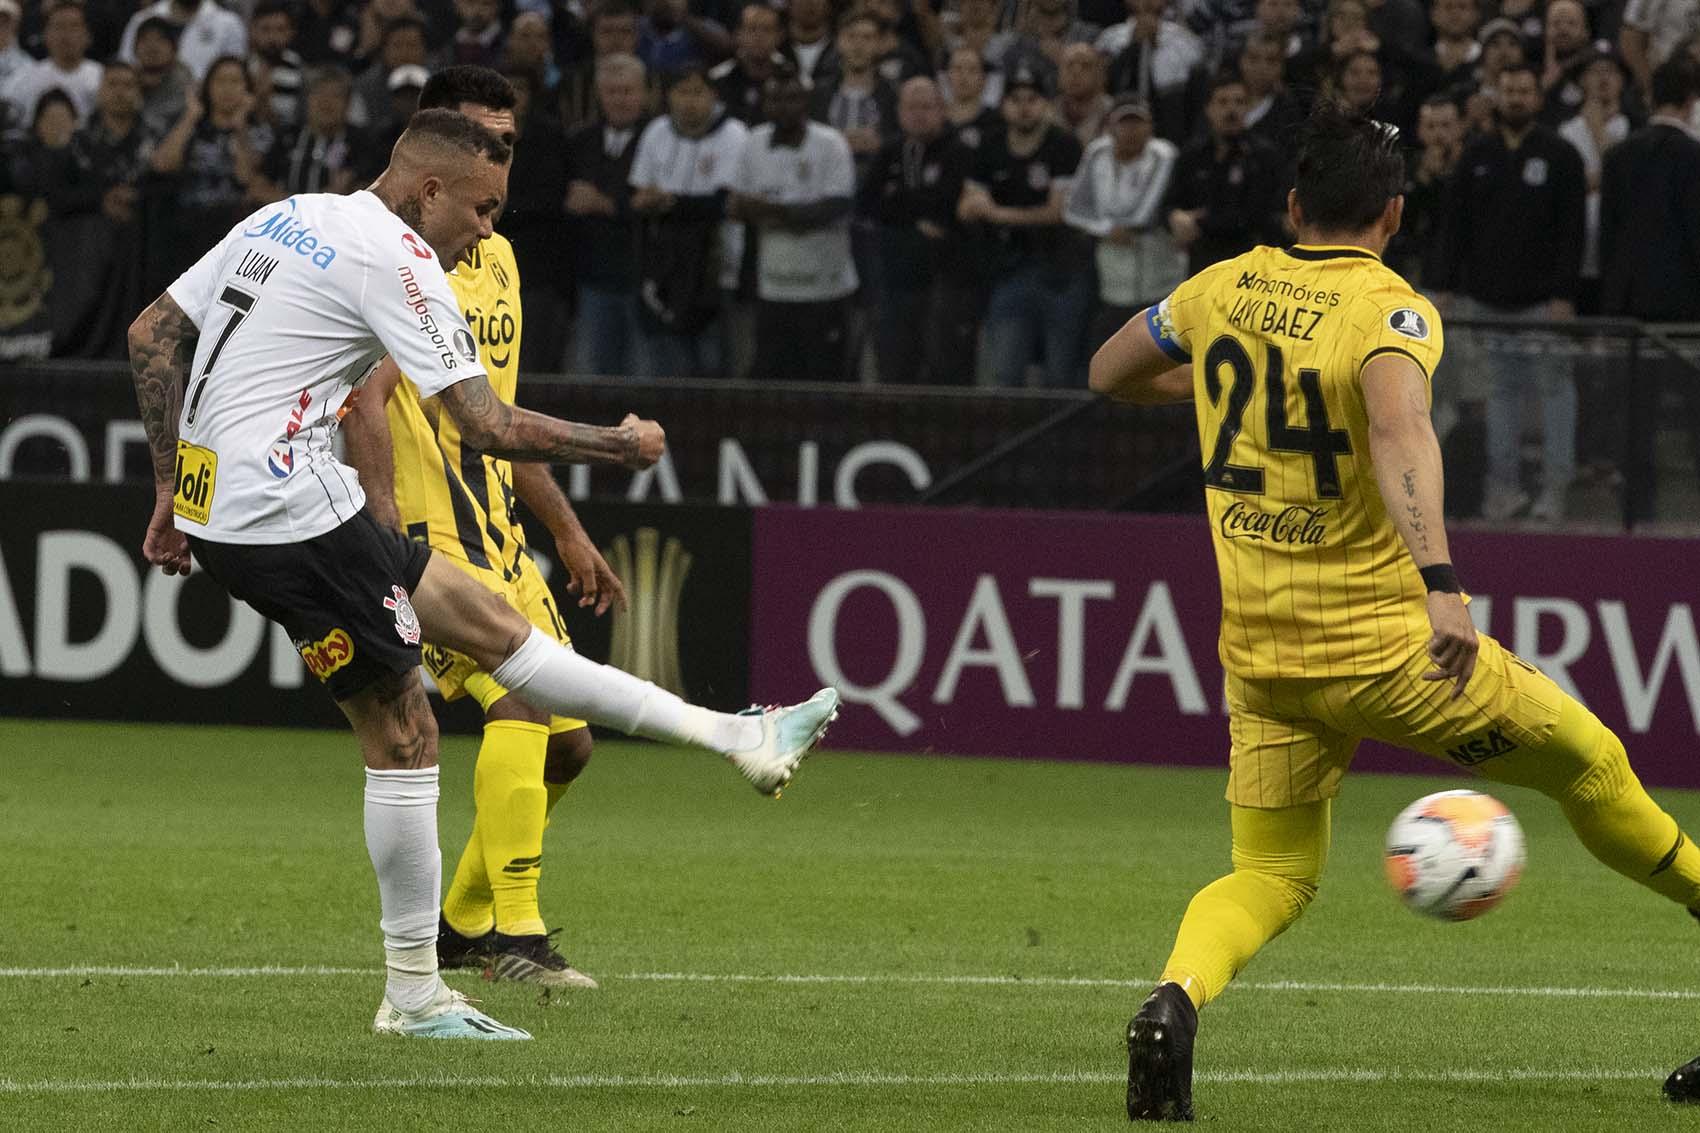 Luan marcou o gol de abertura na vitória corintiana sobre o Guaraní do Paraguai, mas não evitou a eliminação do time (Foto: Daniel Augusto Jr. / Ag. Corinthians)